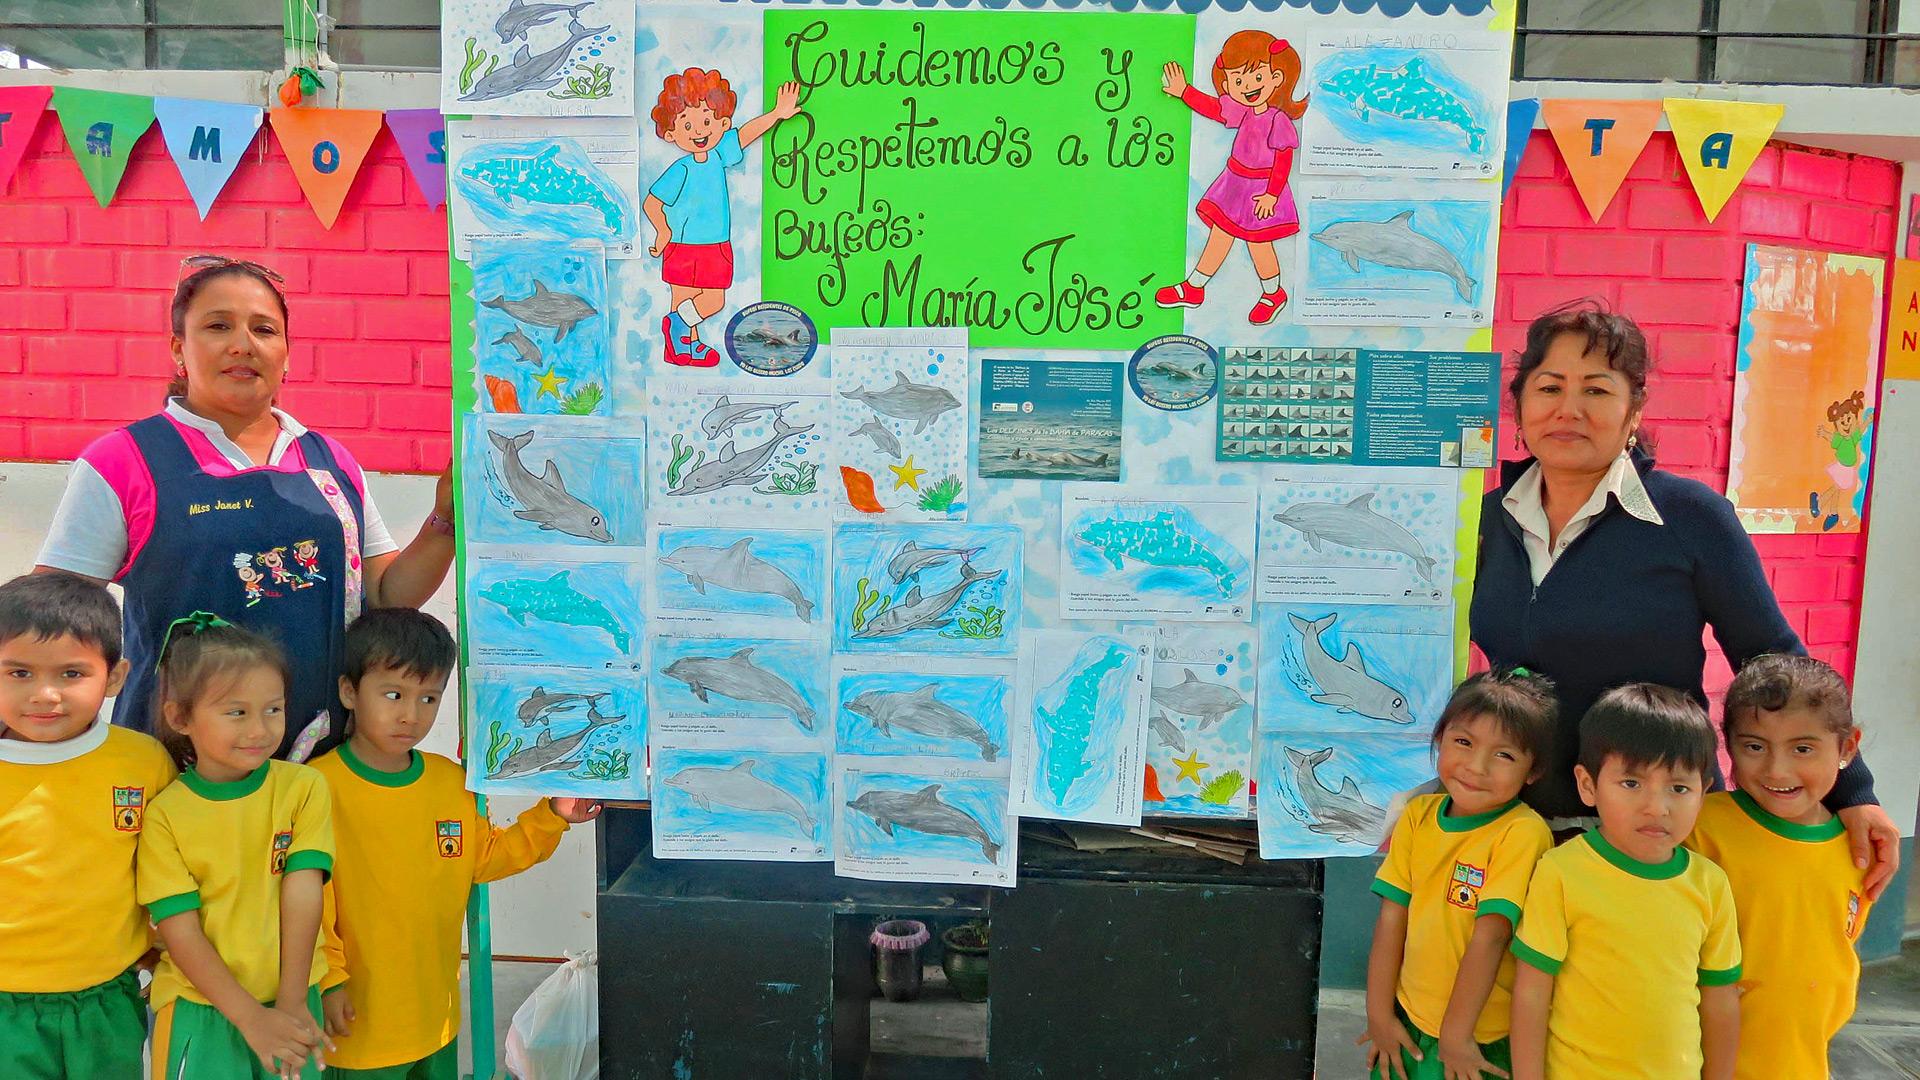 Delfinschutzprojekt Peru: Die wichtige Arbeit mit den Schulen fortgeführt werden.